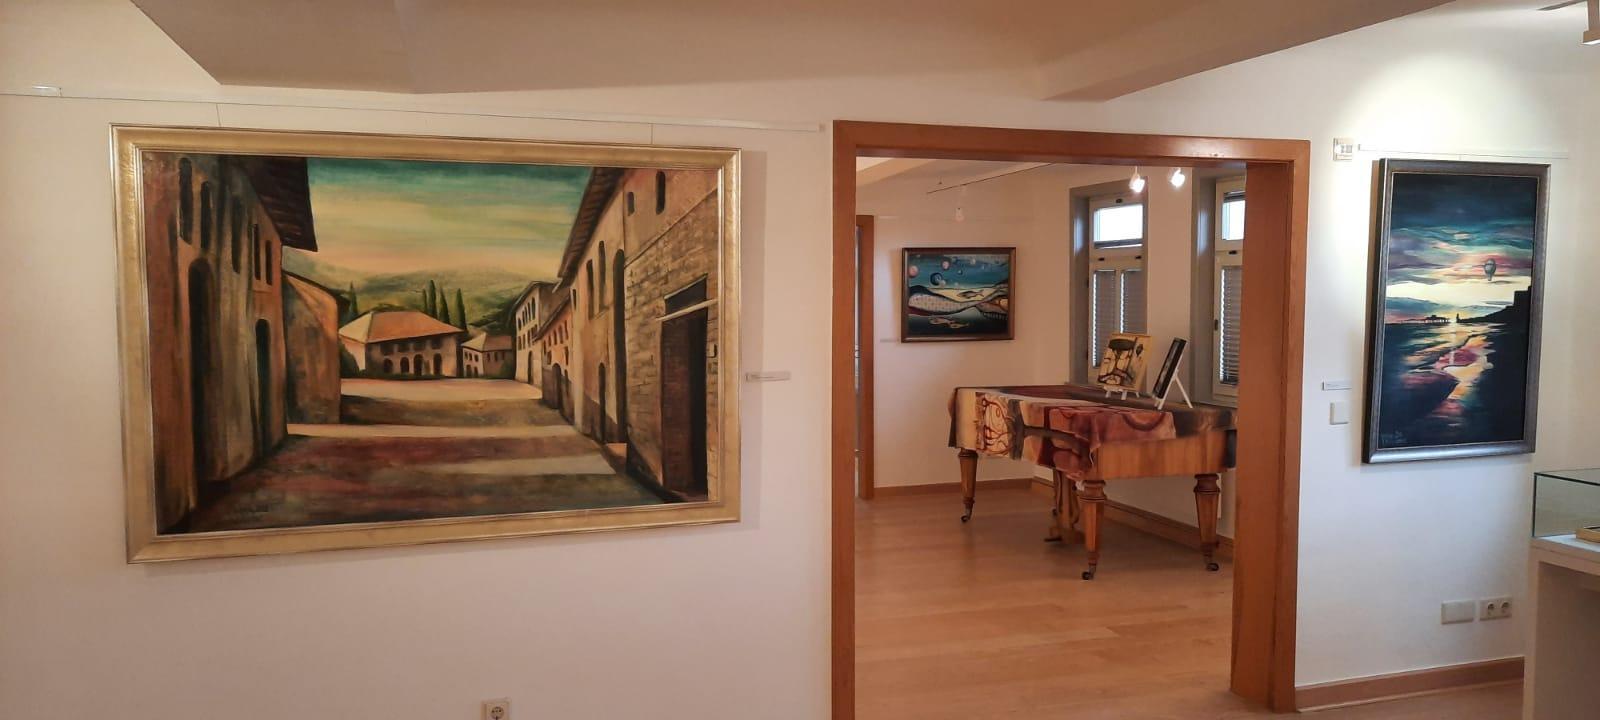 Bild Ausstellung Zeitreise III